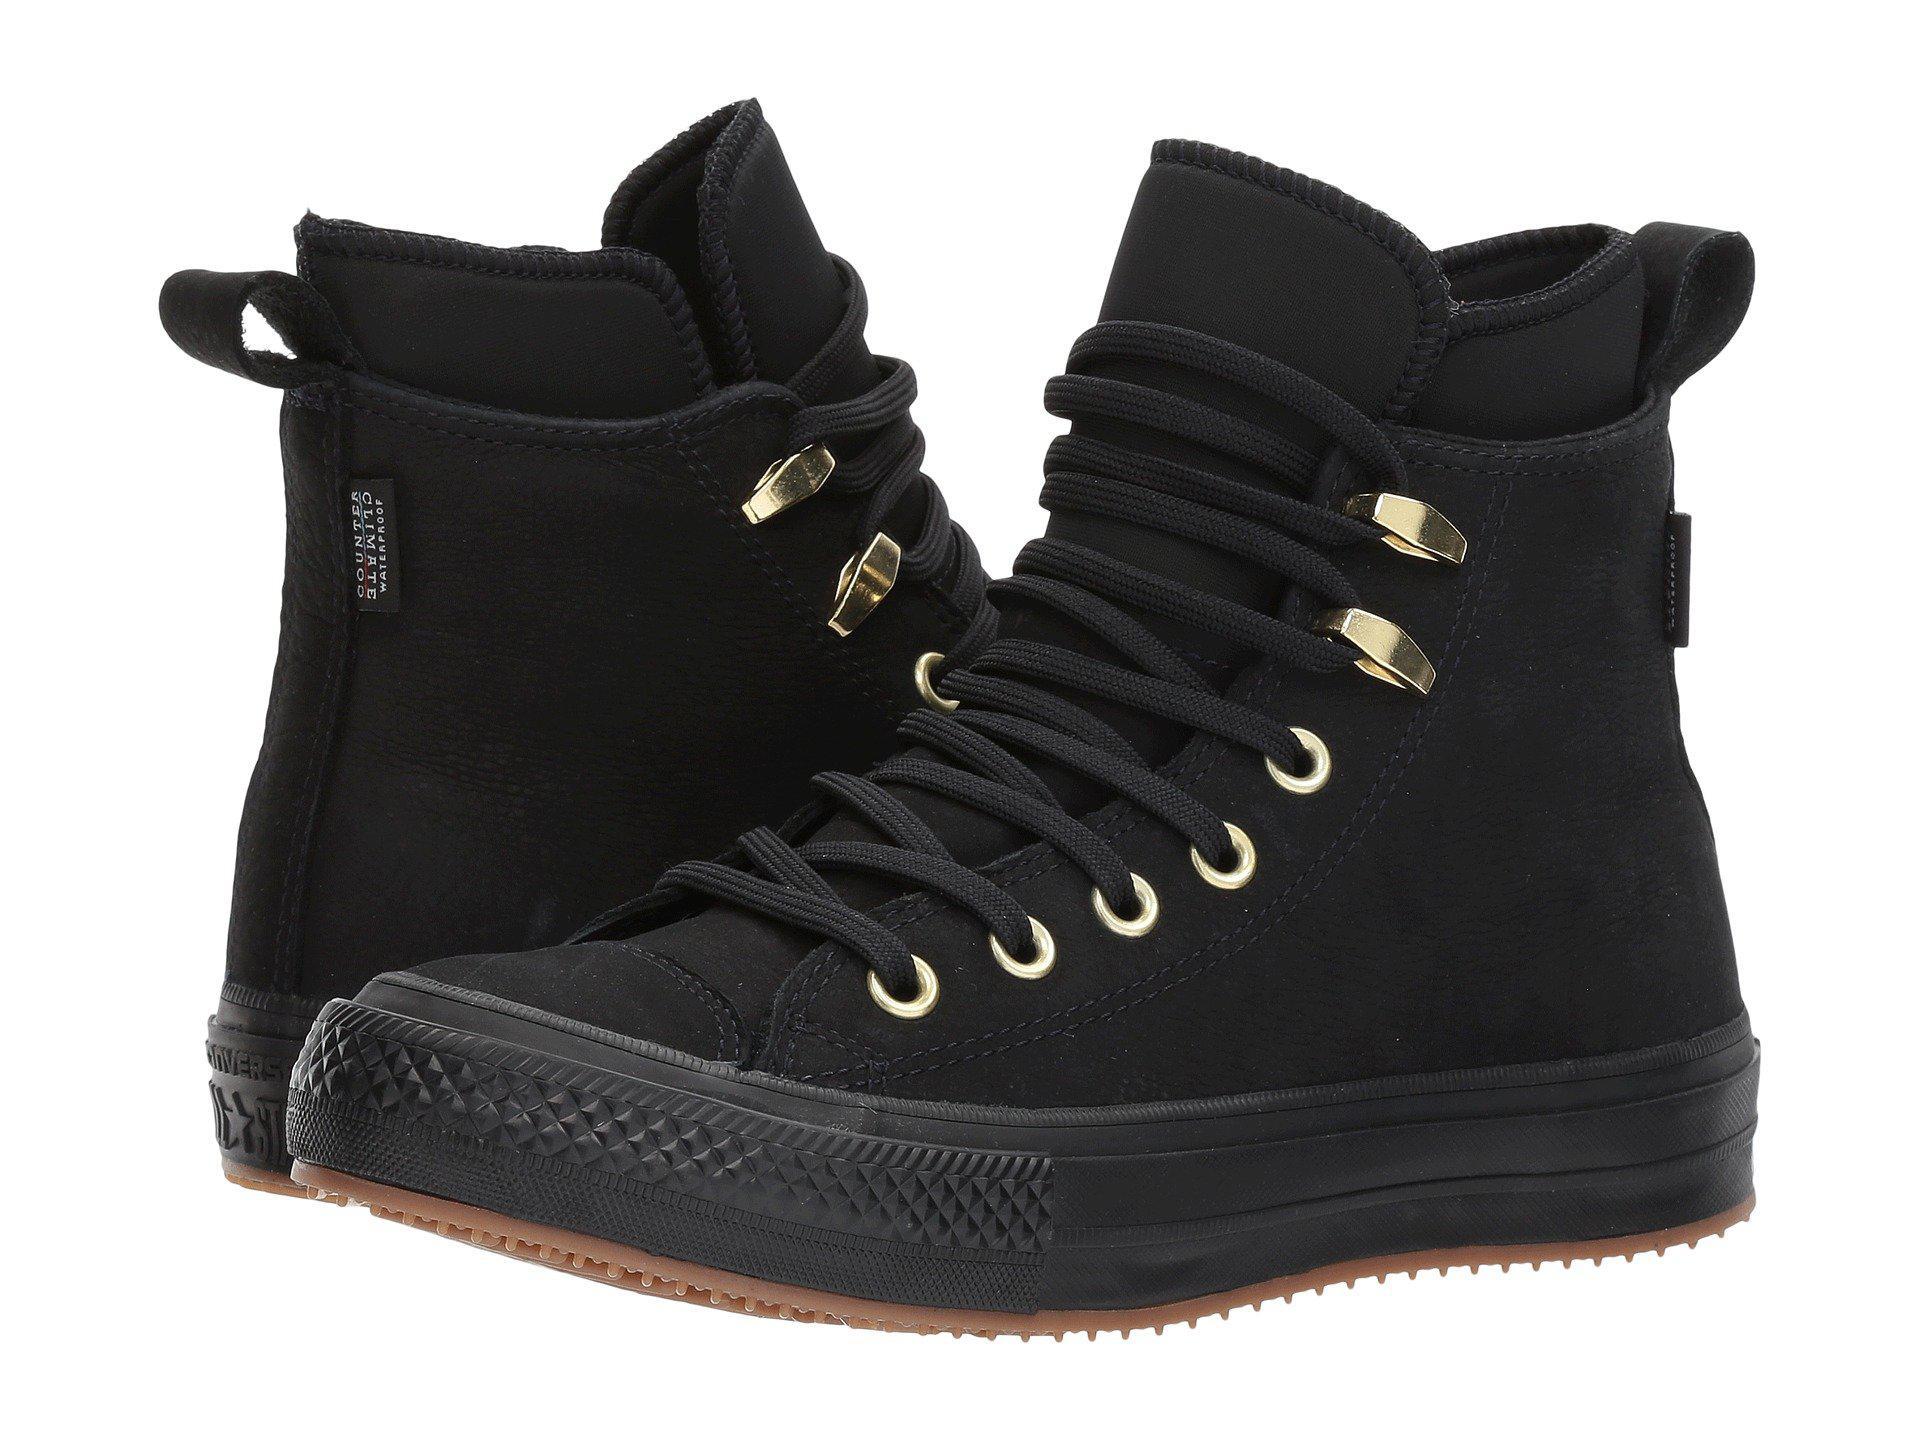 Converse Shoes Zappos